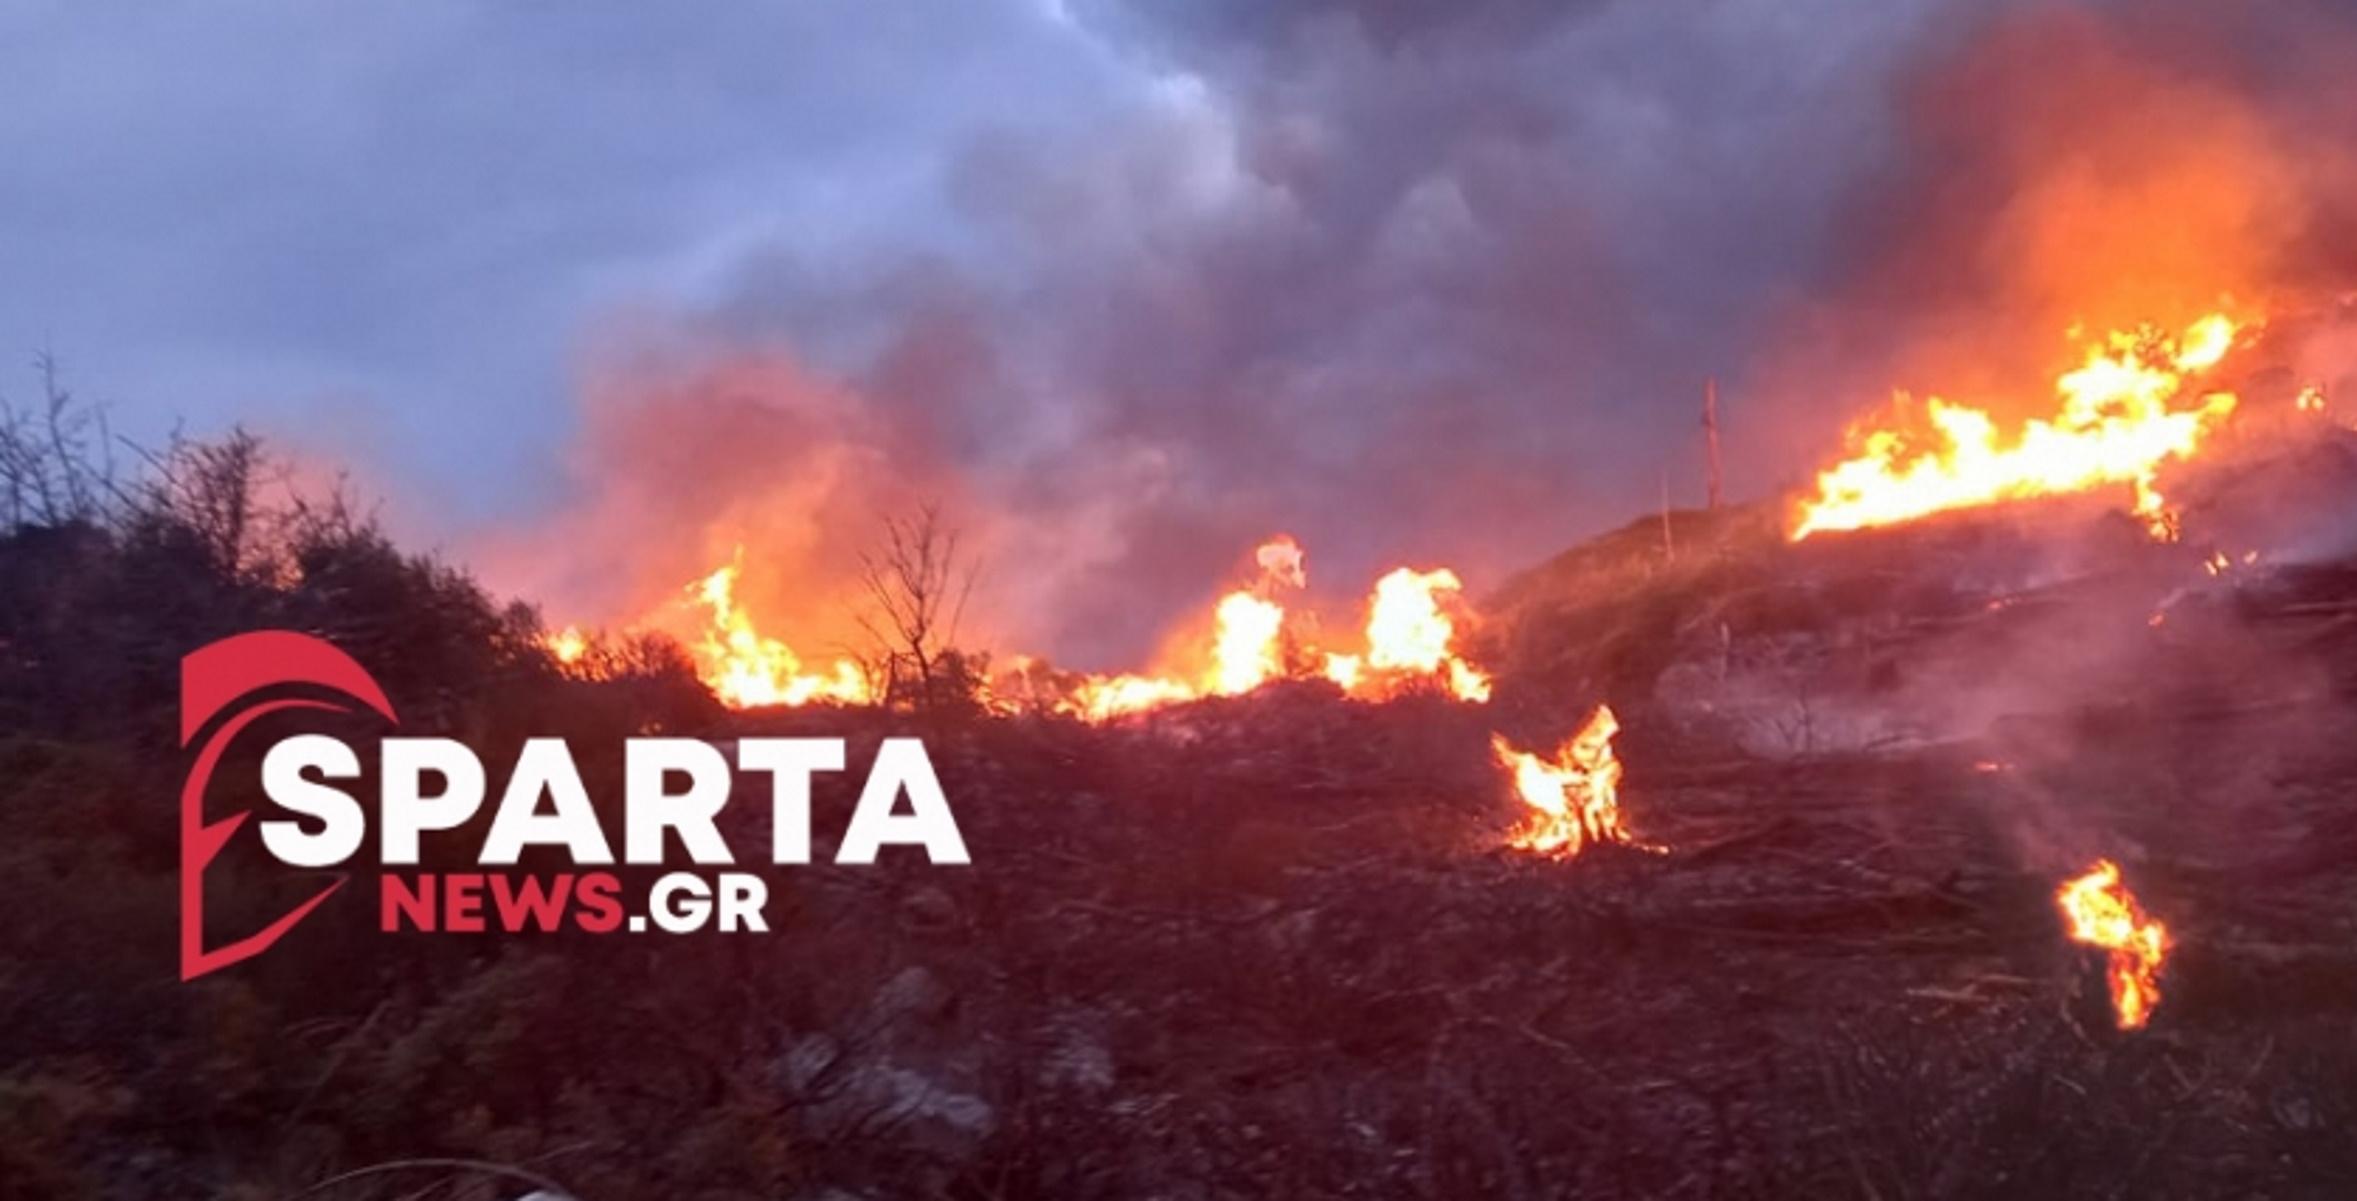 Μεγάλη φωτιά στη Λακωνία – Μάχη για να μην επεκταθεί στα χωριά του Ευρώτα (pics, vid)